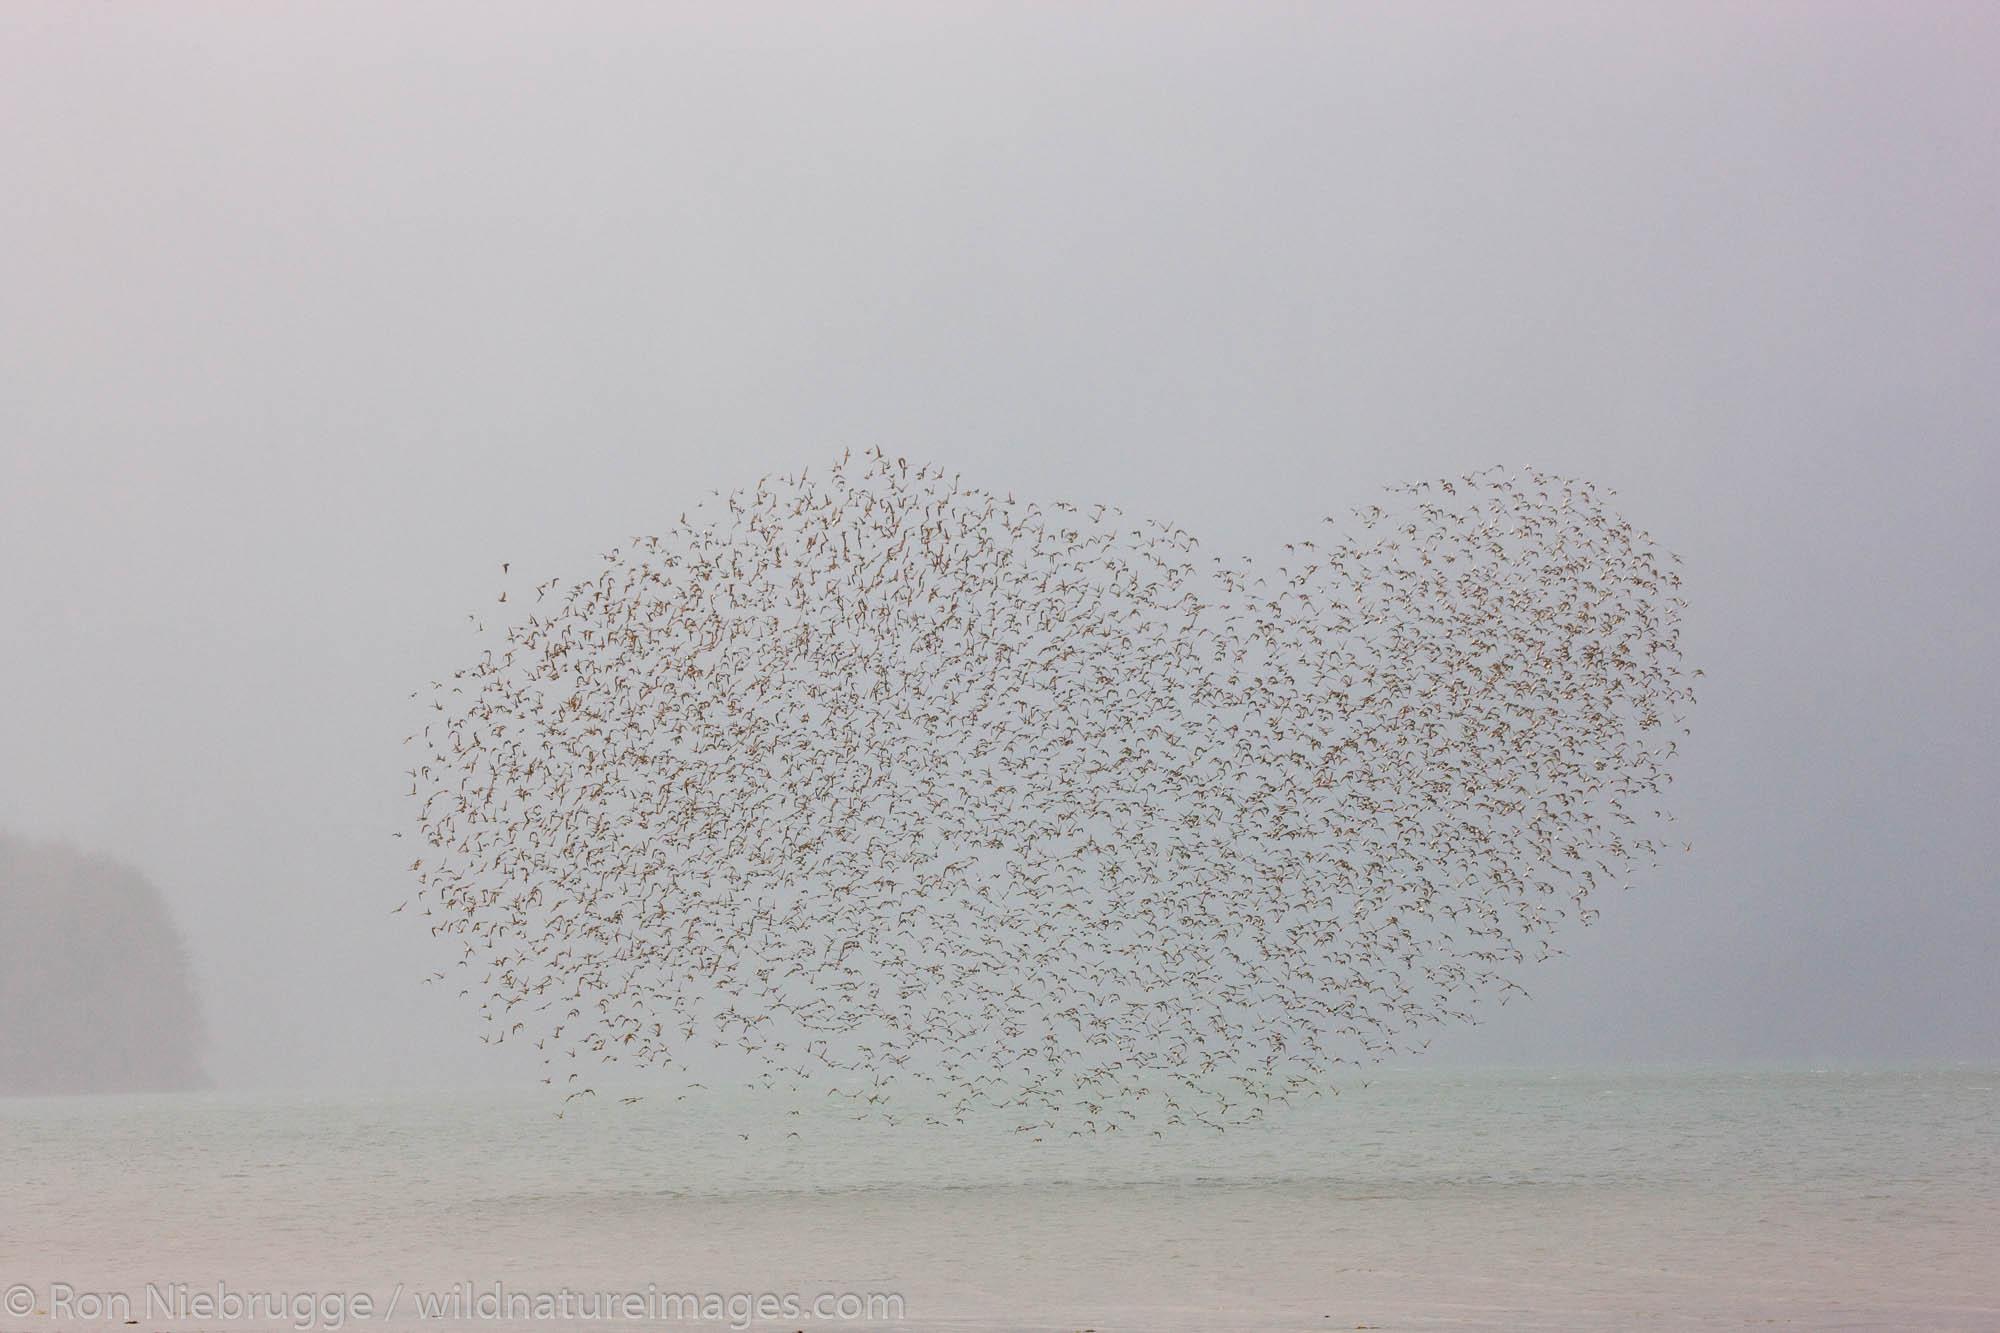 Shorebird migration primarily western sandpipers, Copper River Delta, near Cordova, Alaska.